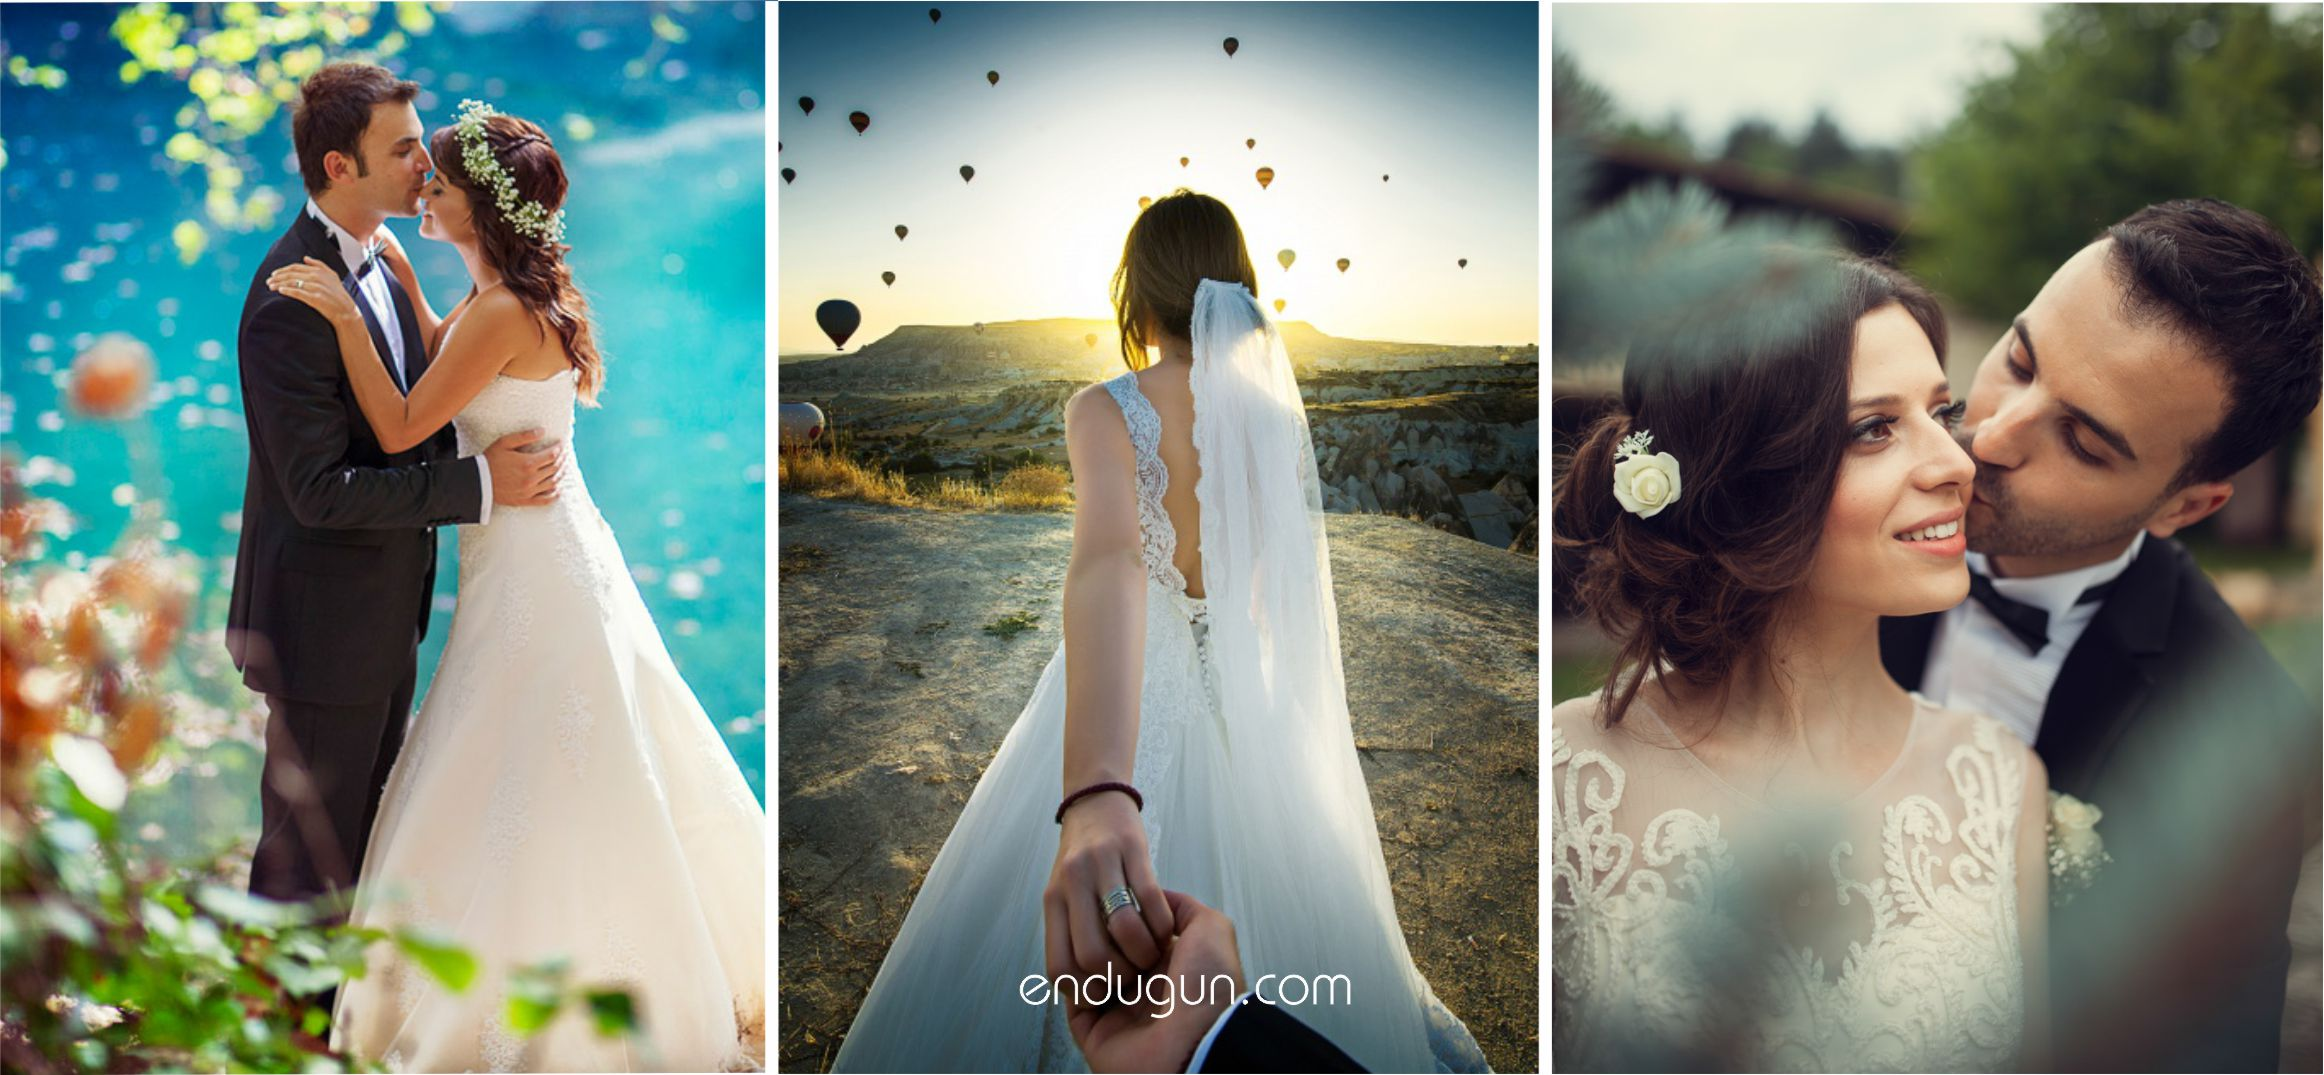 En Güzel Anınız Düğün Fotoğraflarınız